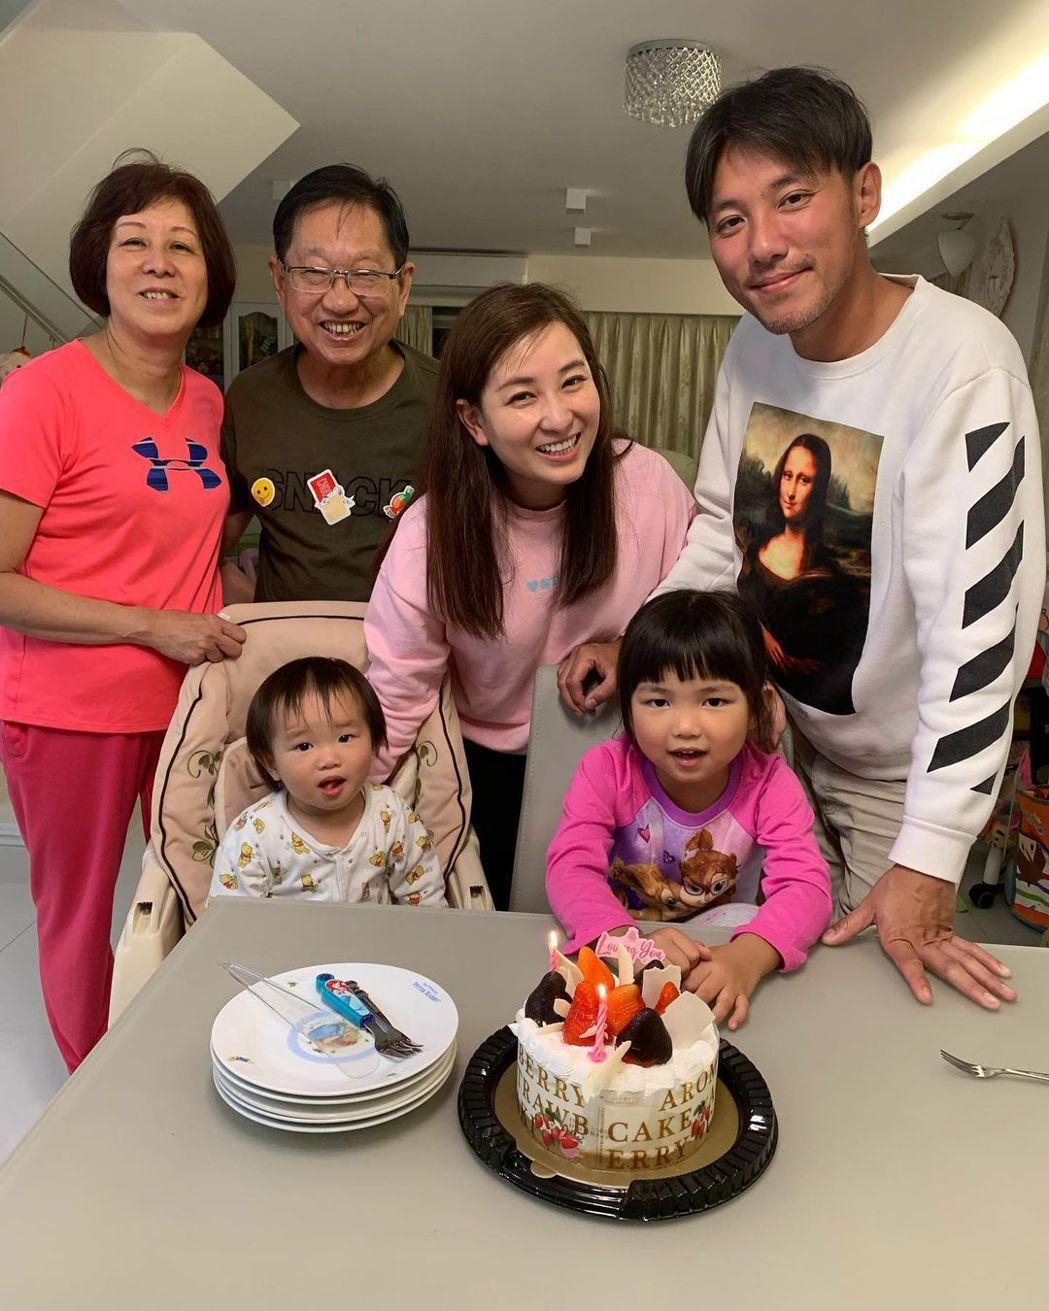 麥雅緻一家人和父母。 圖/擷自麥雅緻IG